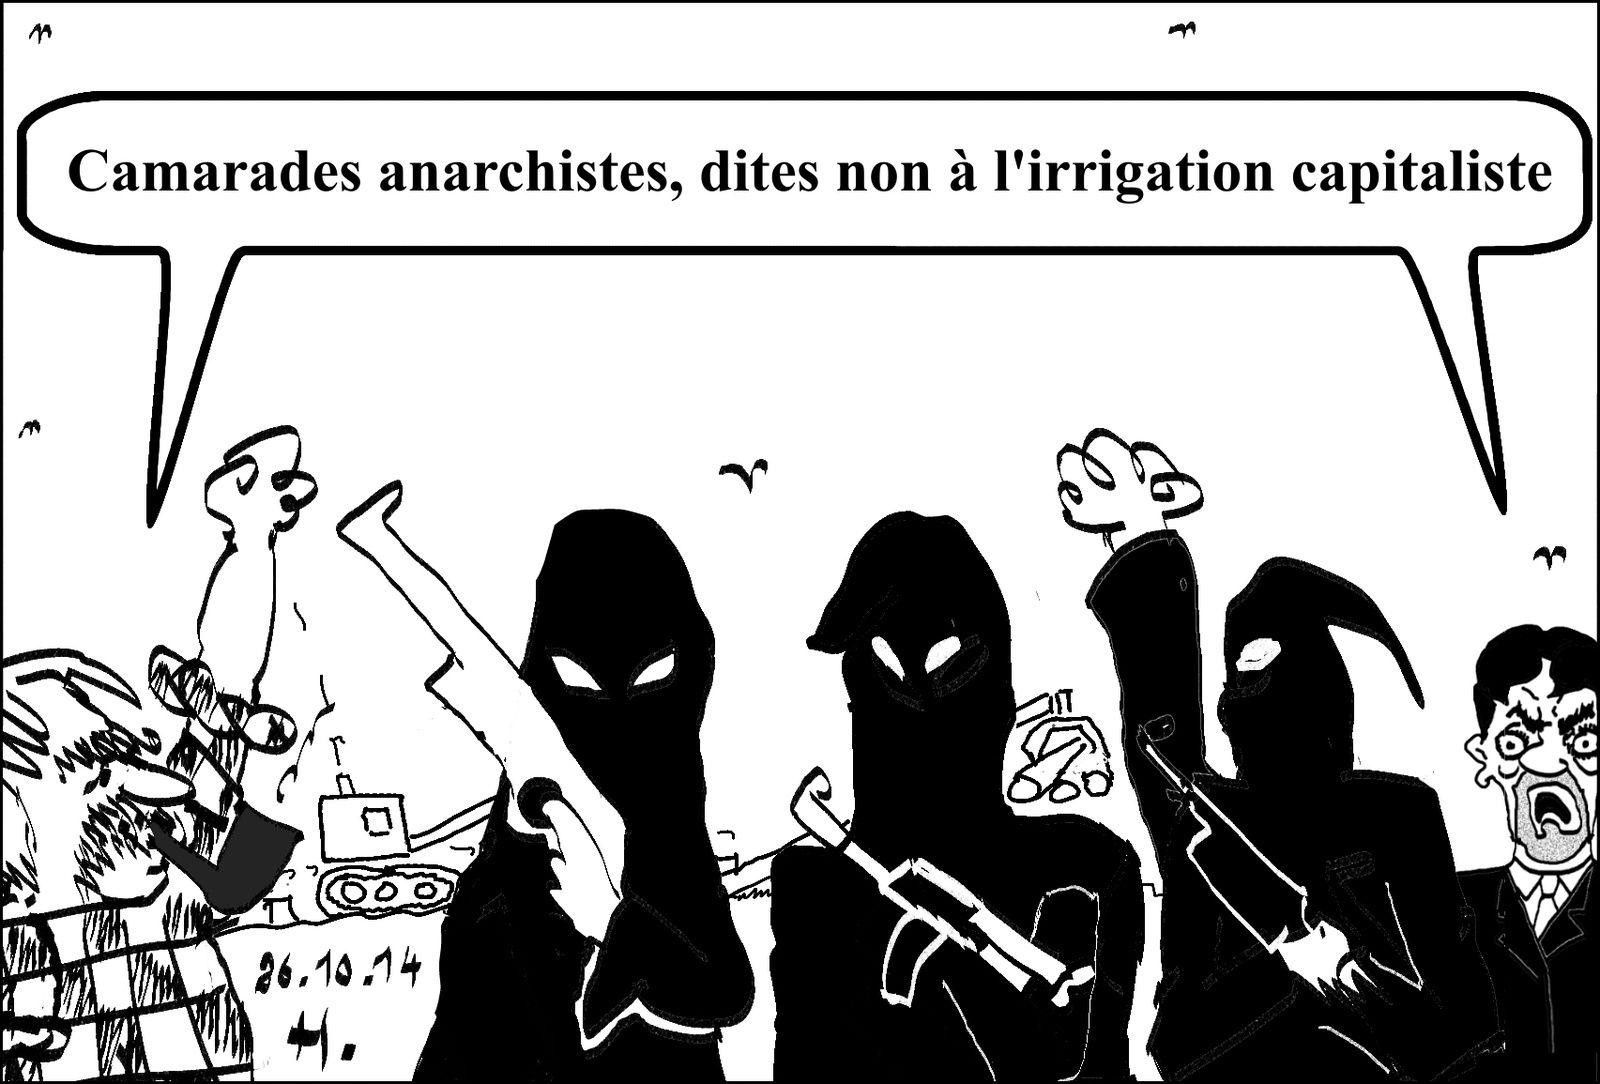 Non à l'irrigation capitaliste